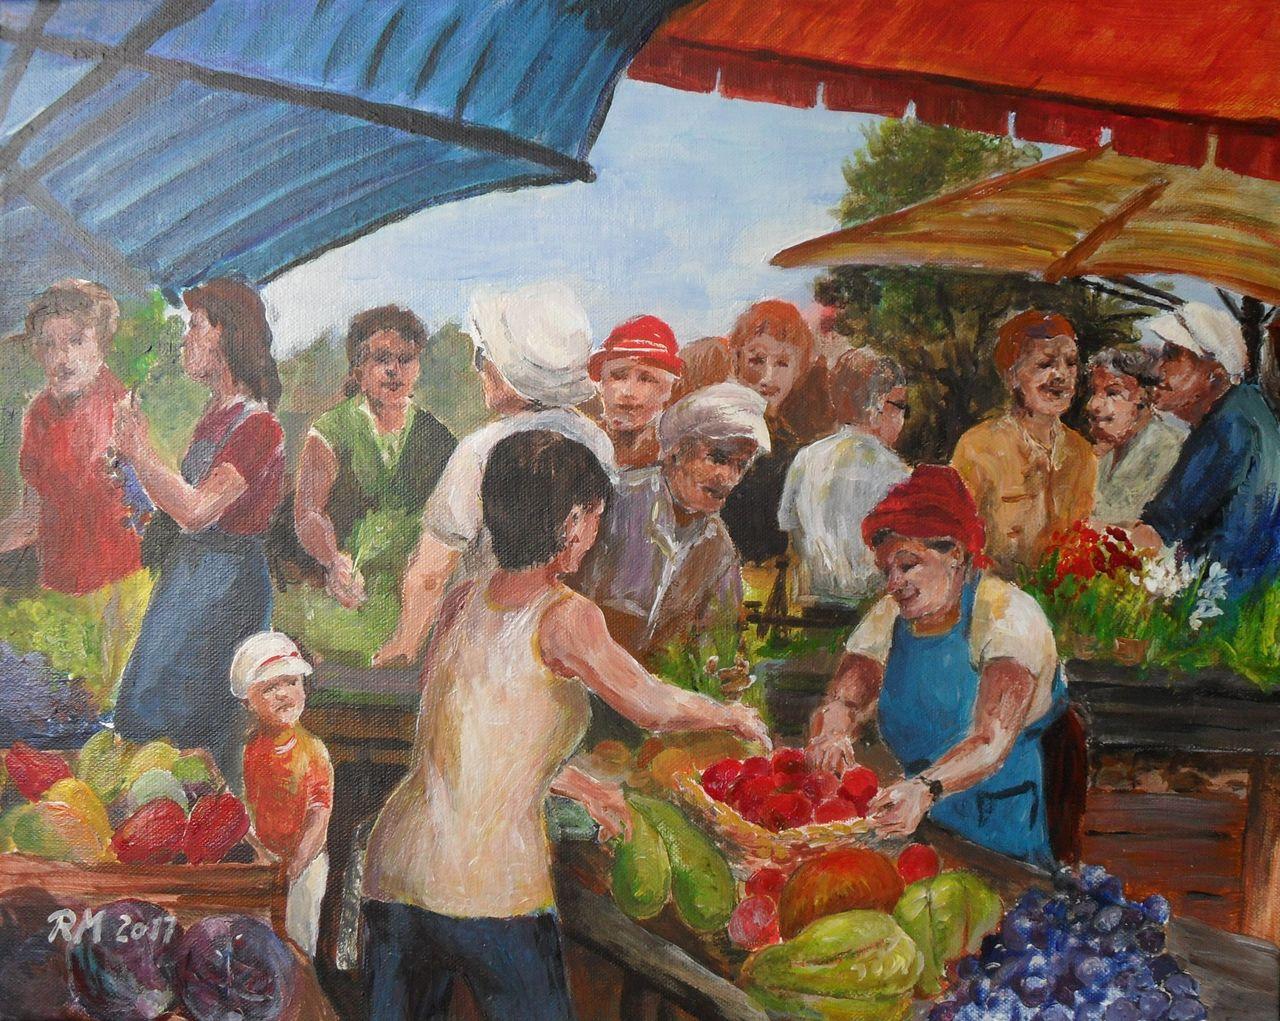 Bild: Händler, Markt, Gemüse, Obst von Marate bei KunstNet